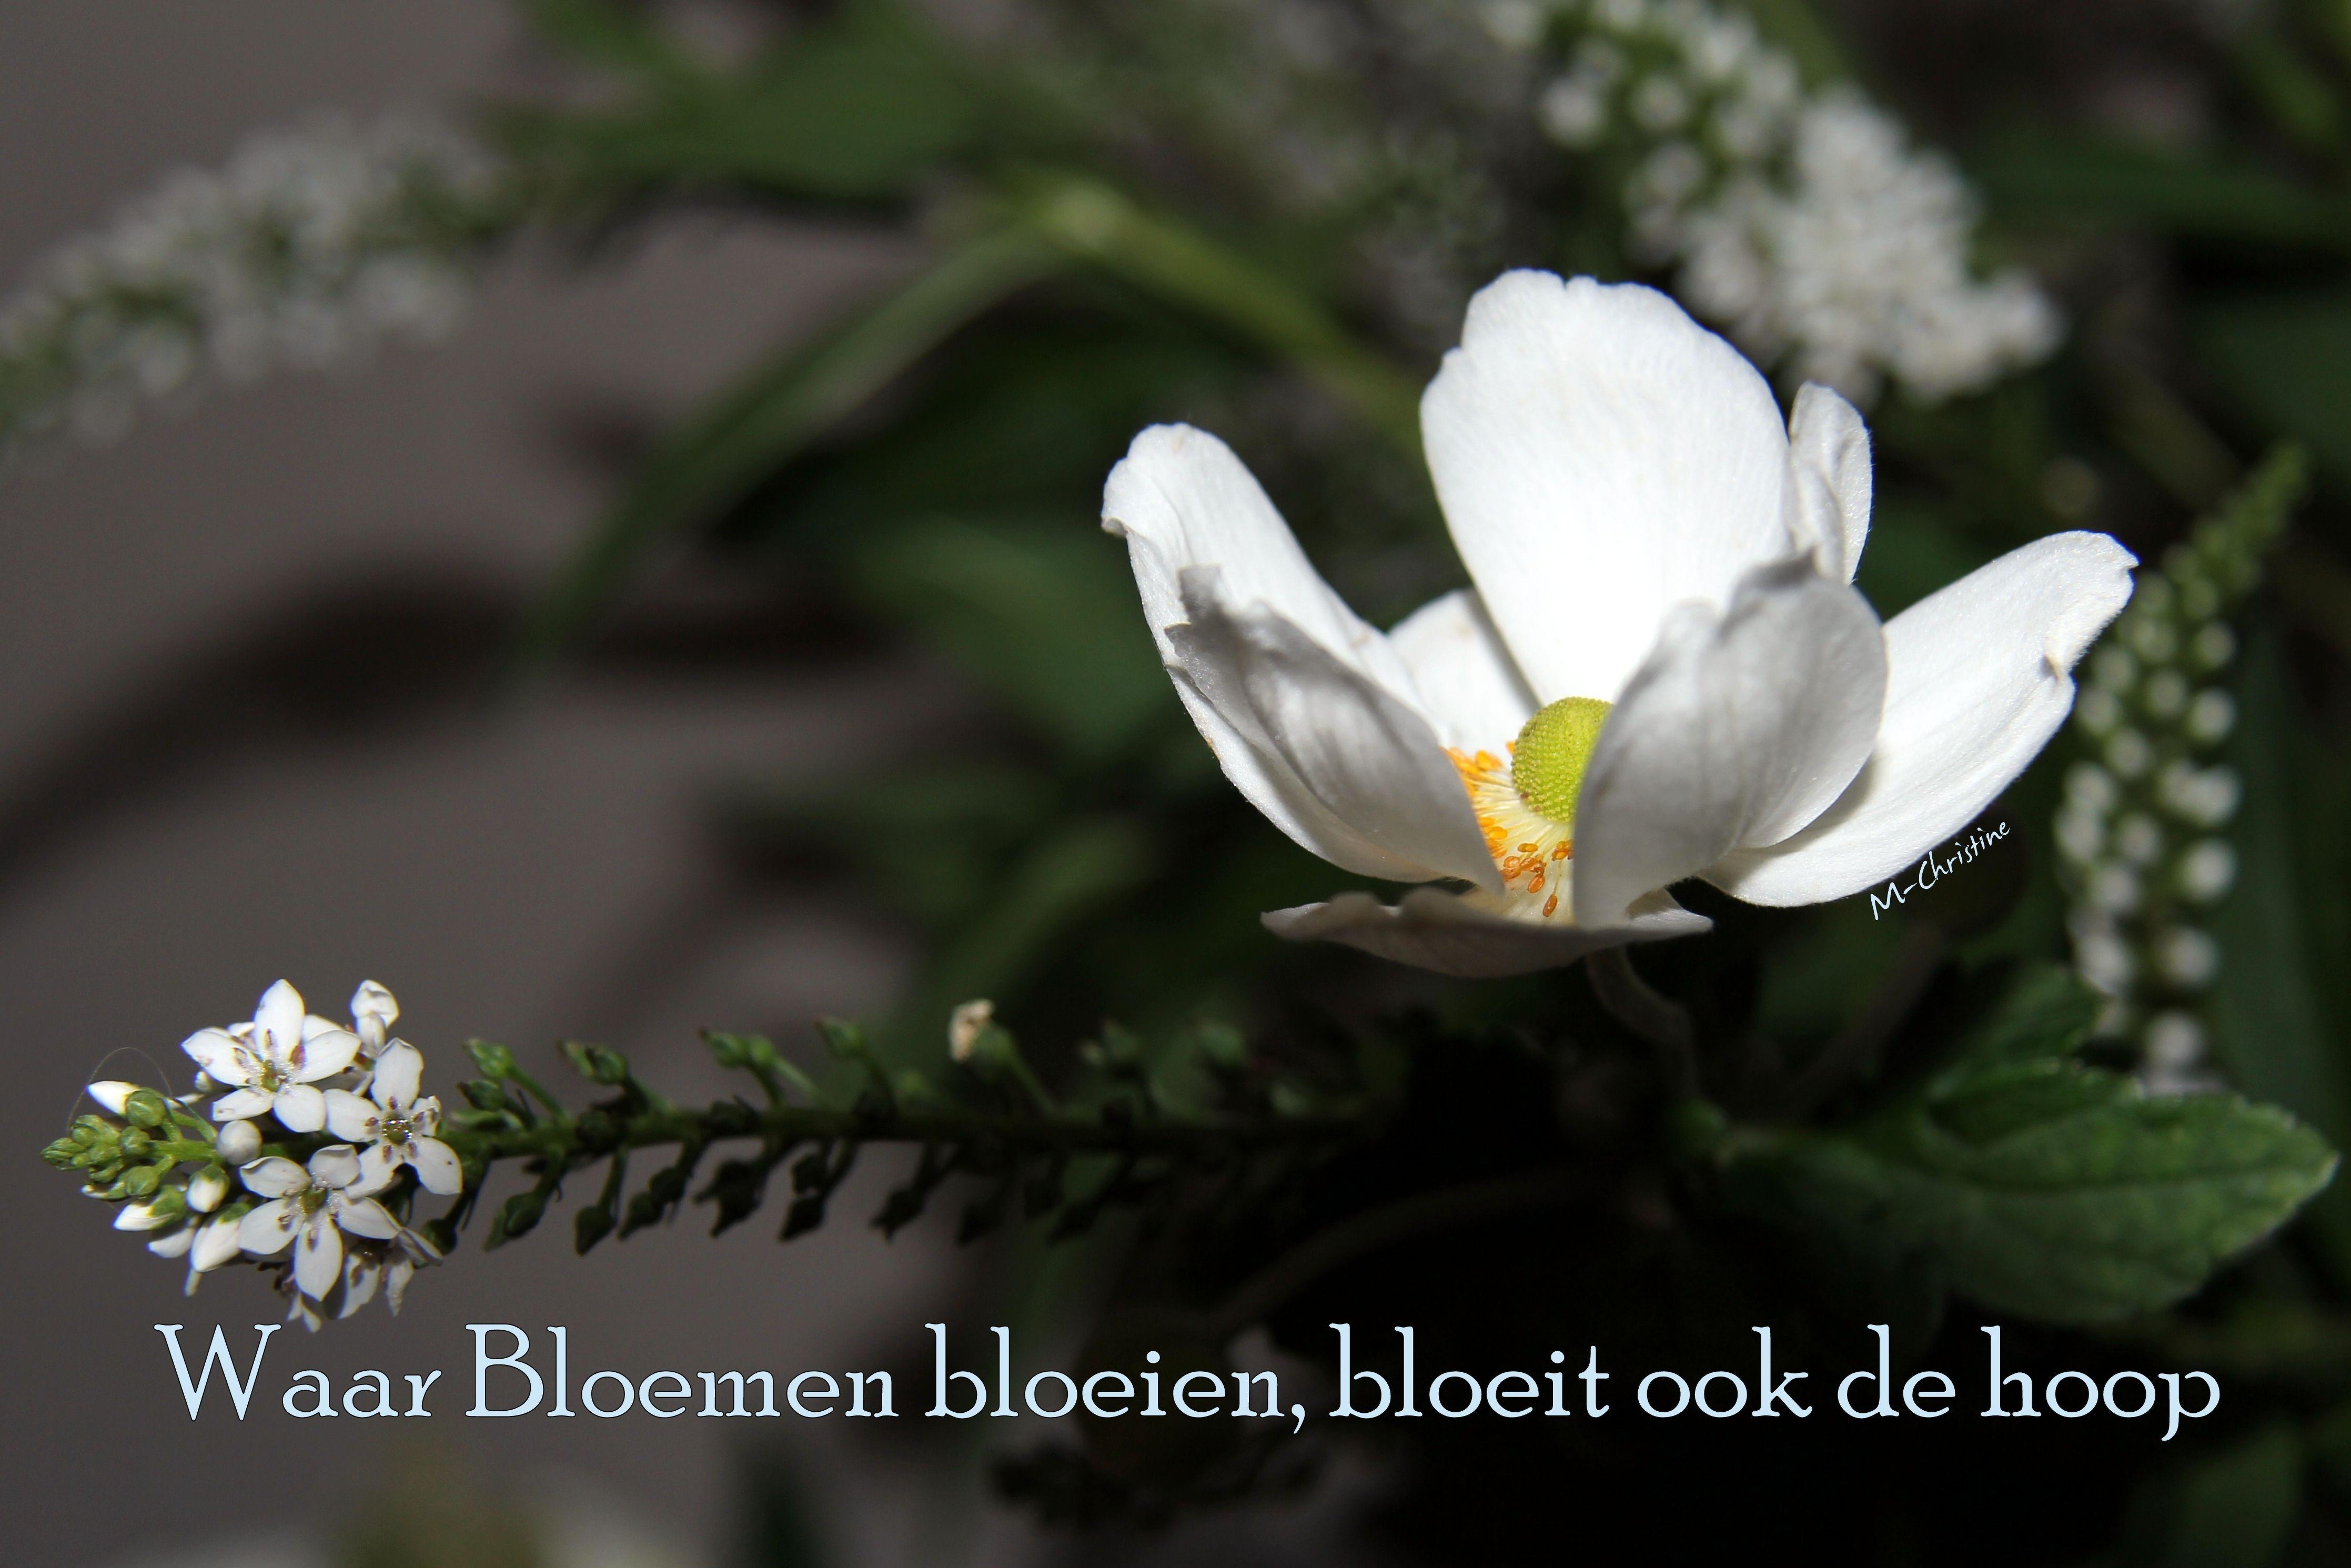 Citaten Over Bloemen : Waar bloemen bloeien bloeit ook de hoop geurende